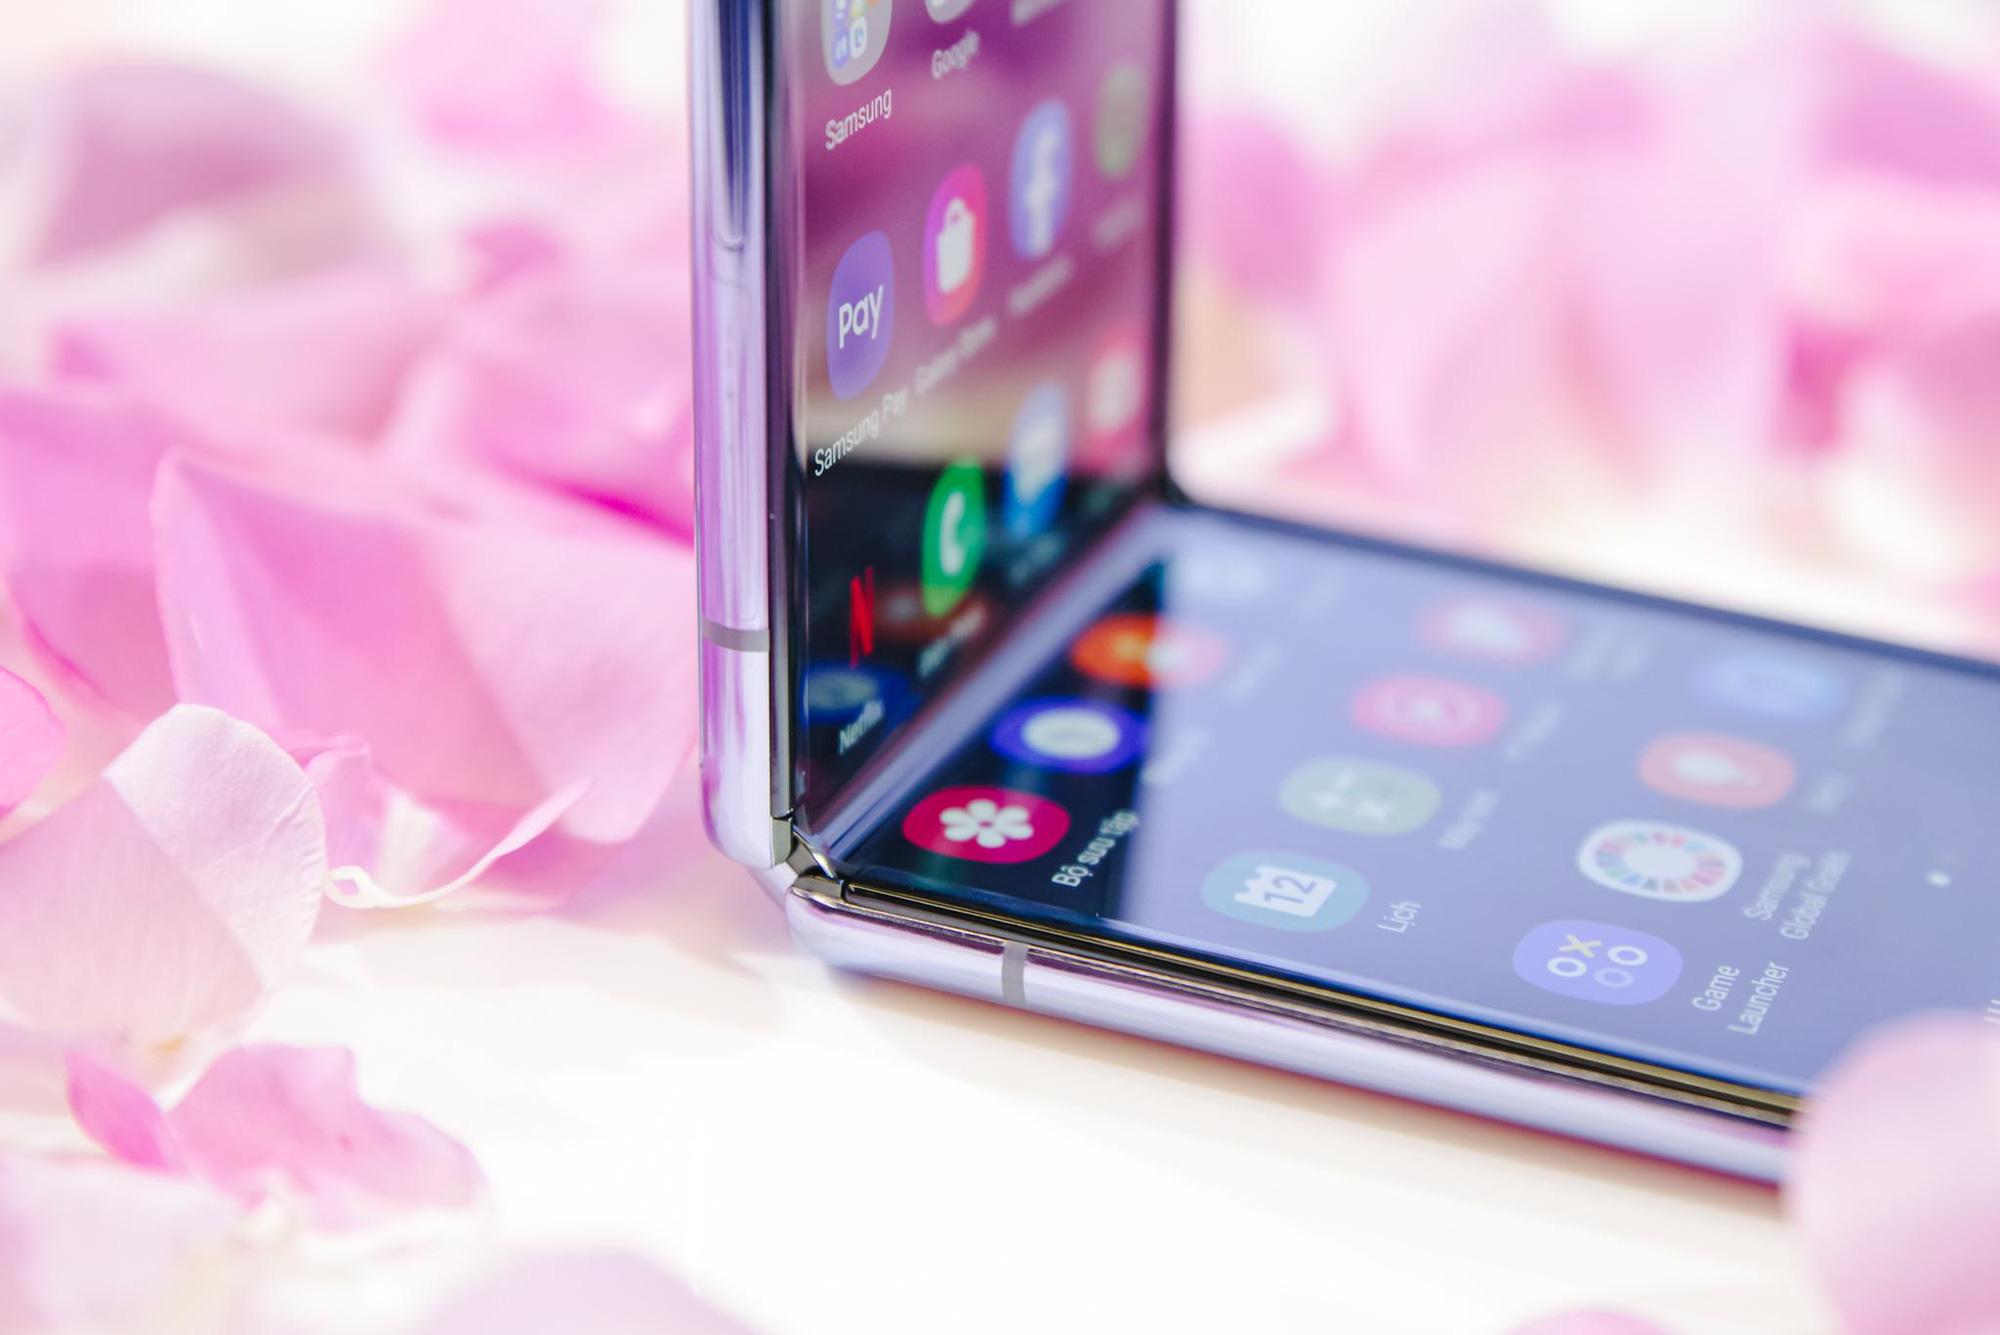 Galaxy Z Flip ra mắt chính thức tại Việt Nam, mở đầu xu hướng thời trang công nghệ mới - Ảnh 7.